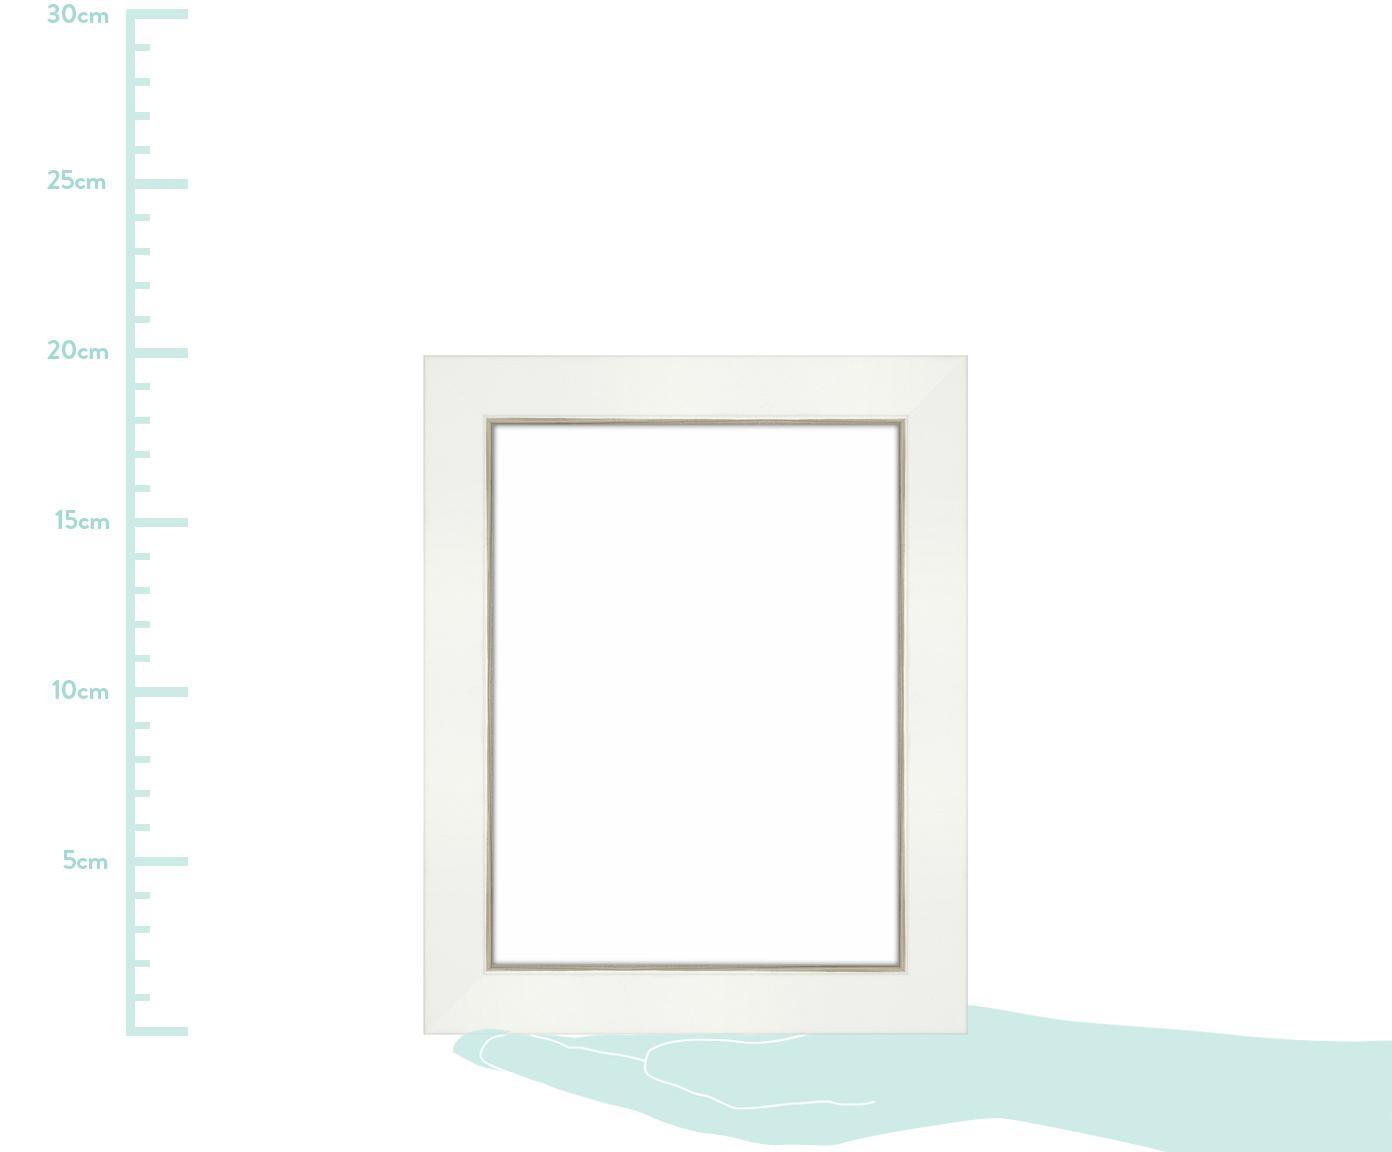 Bilderrahmen Classico, Rahmen: Waldkiefernholz (Pinus Sy, Front: Glas, Rückseite: Mitteldichte Holzfaserpla, Weiß, 15 x 20 cm